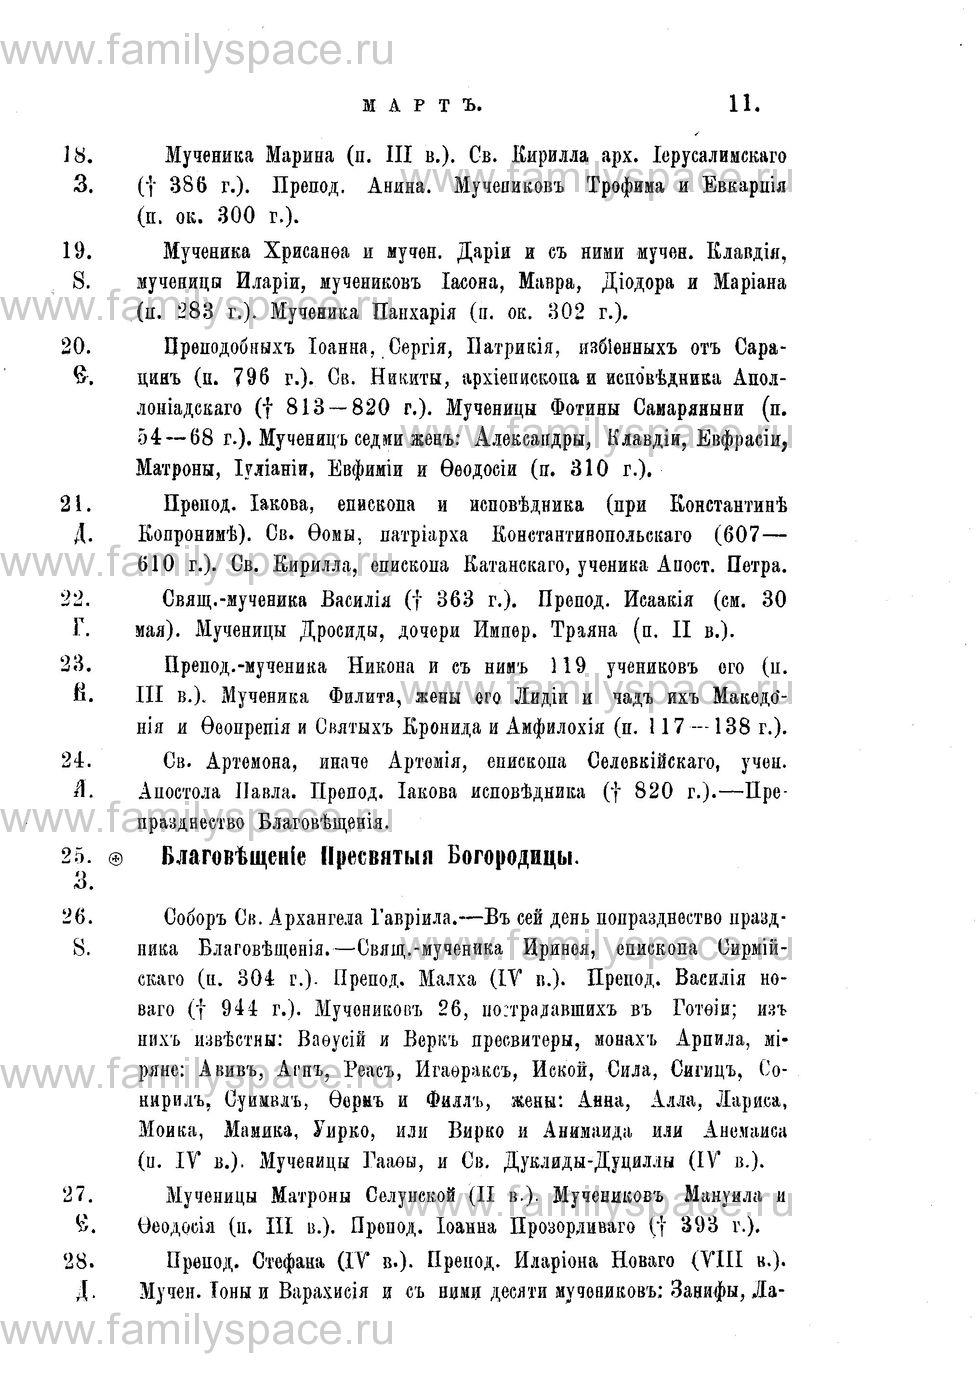 Поиск по фамилии - Адрес-календарь Нижегородской епархии на 1888 год, страница 1011